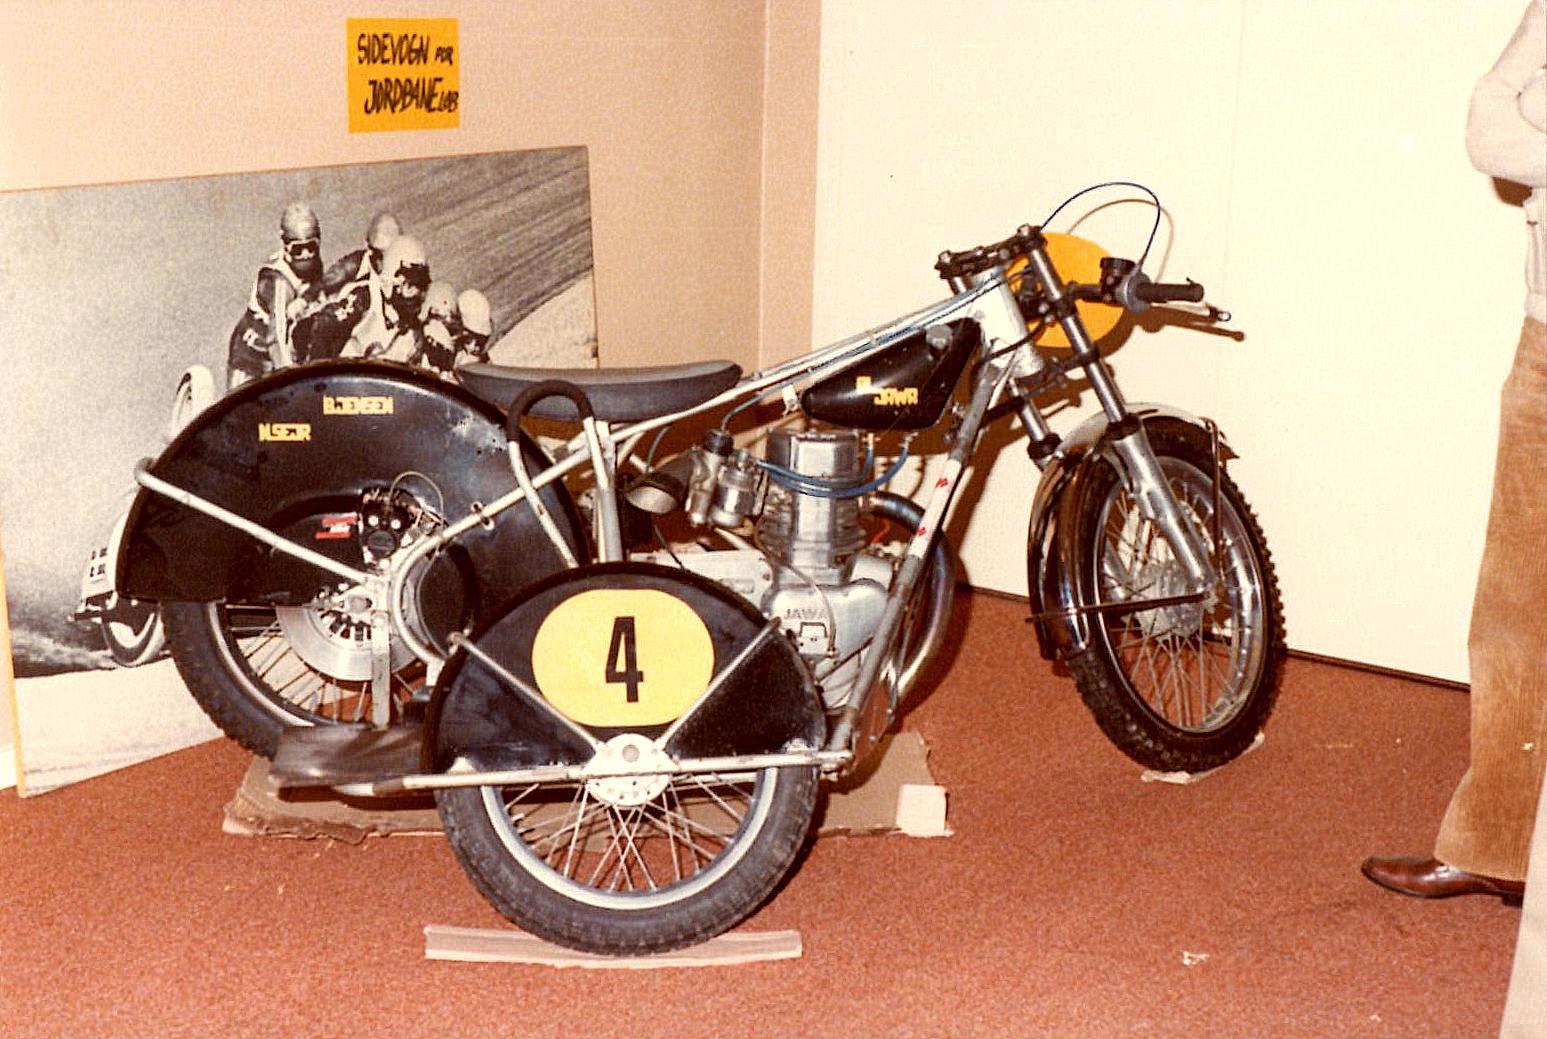 Bent Jensen og Niels Sejrs sidevognsracer med JAWA - Luckhurst motor.